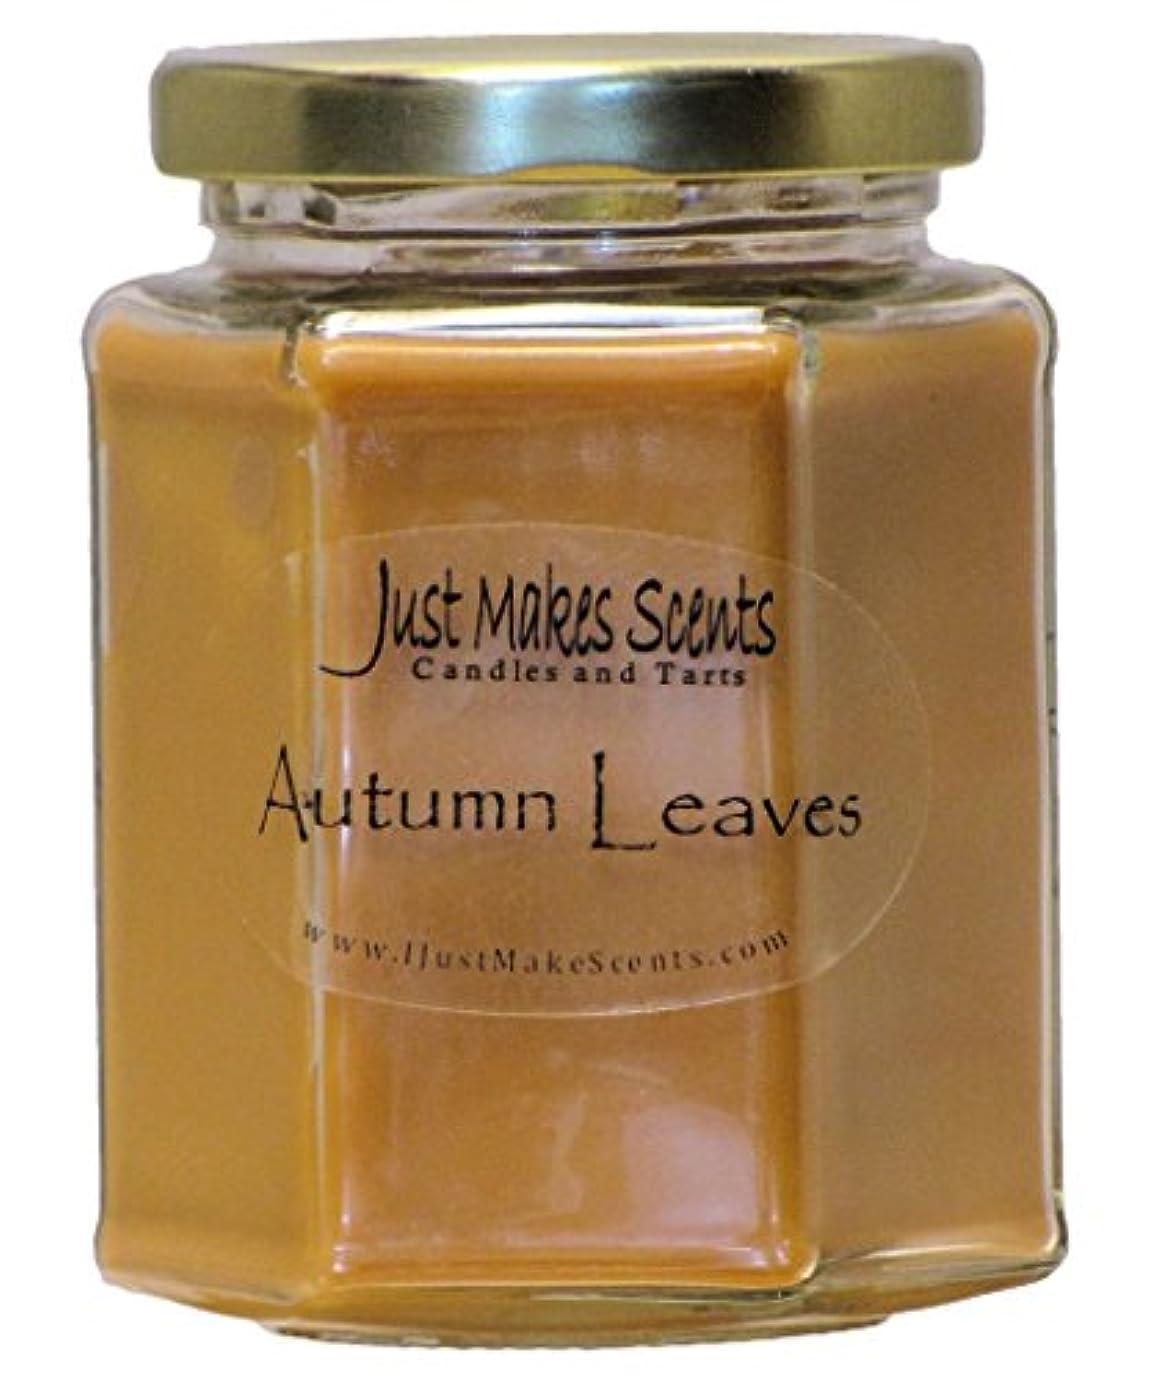 雨の蓄積するシルクAutumn Leaves香りつきBlended Soy Candle by Just Makes Scents